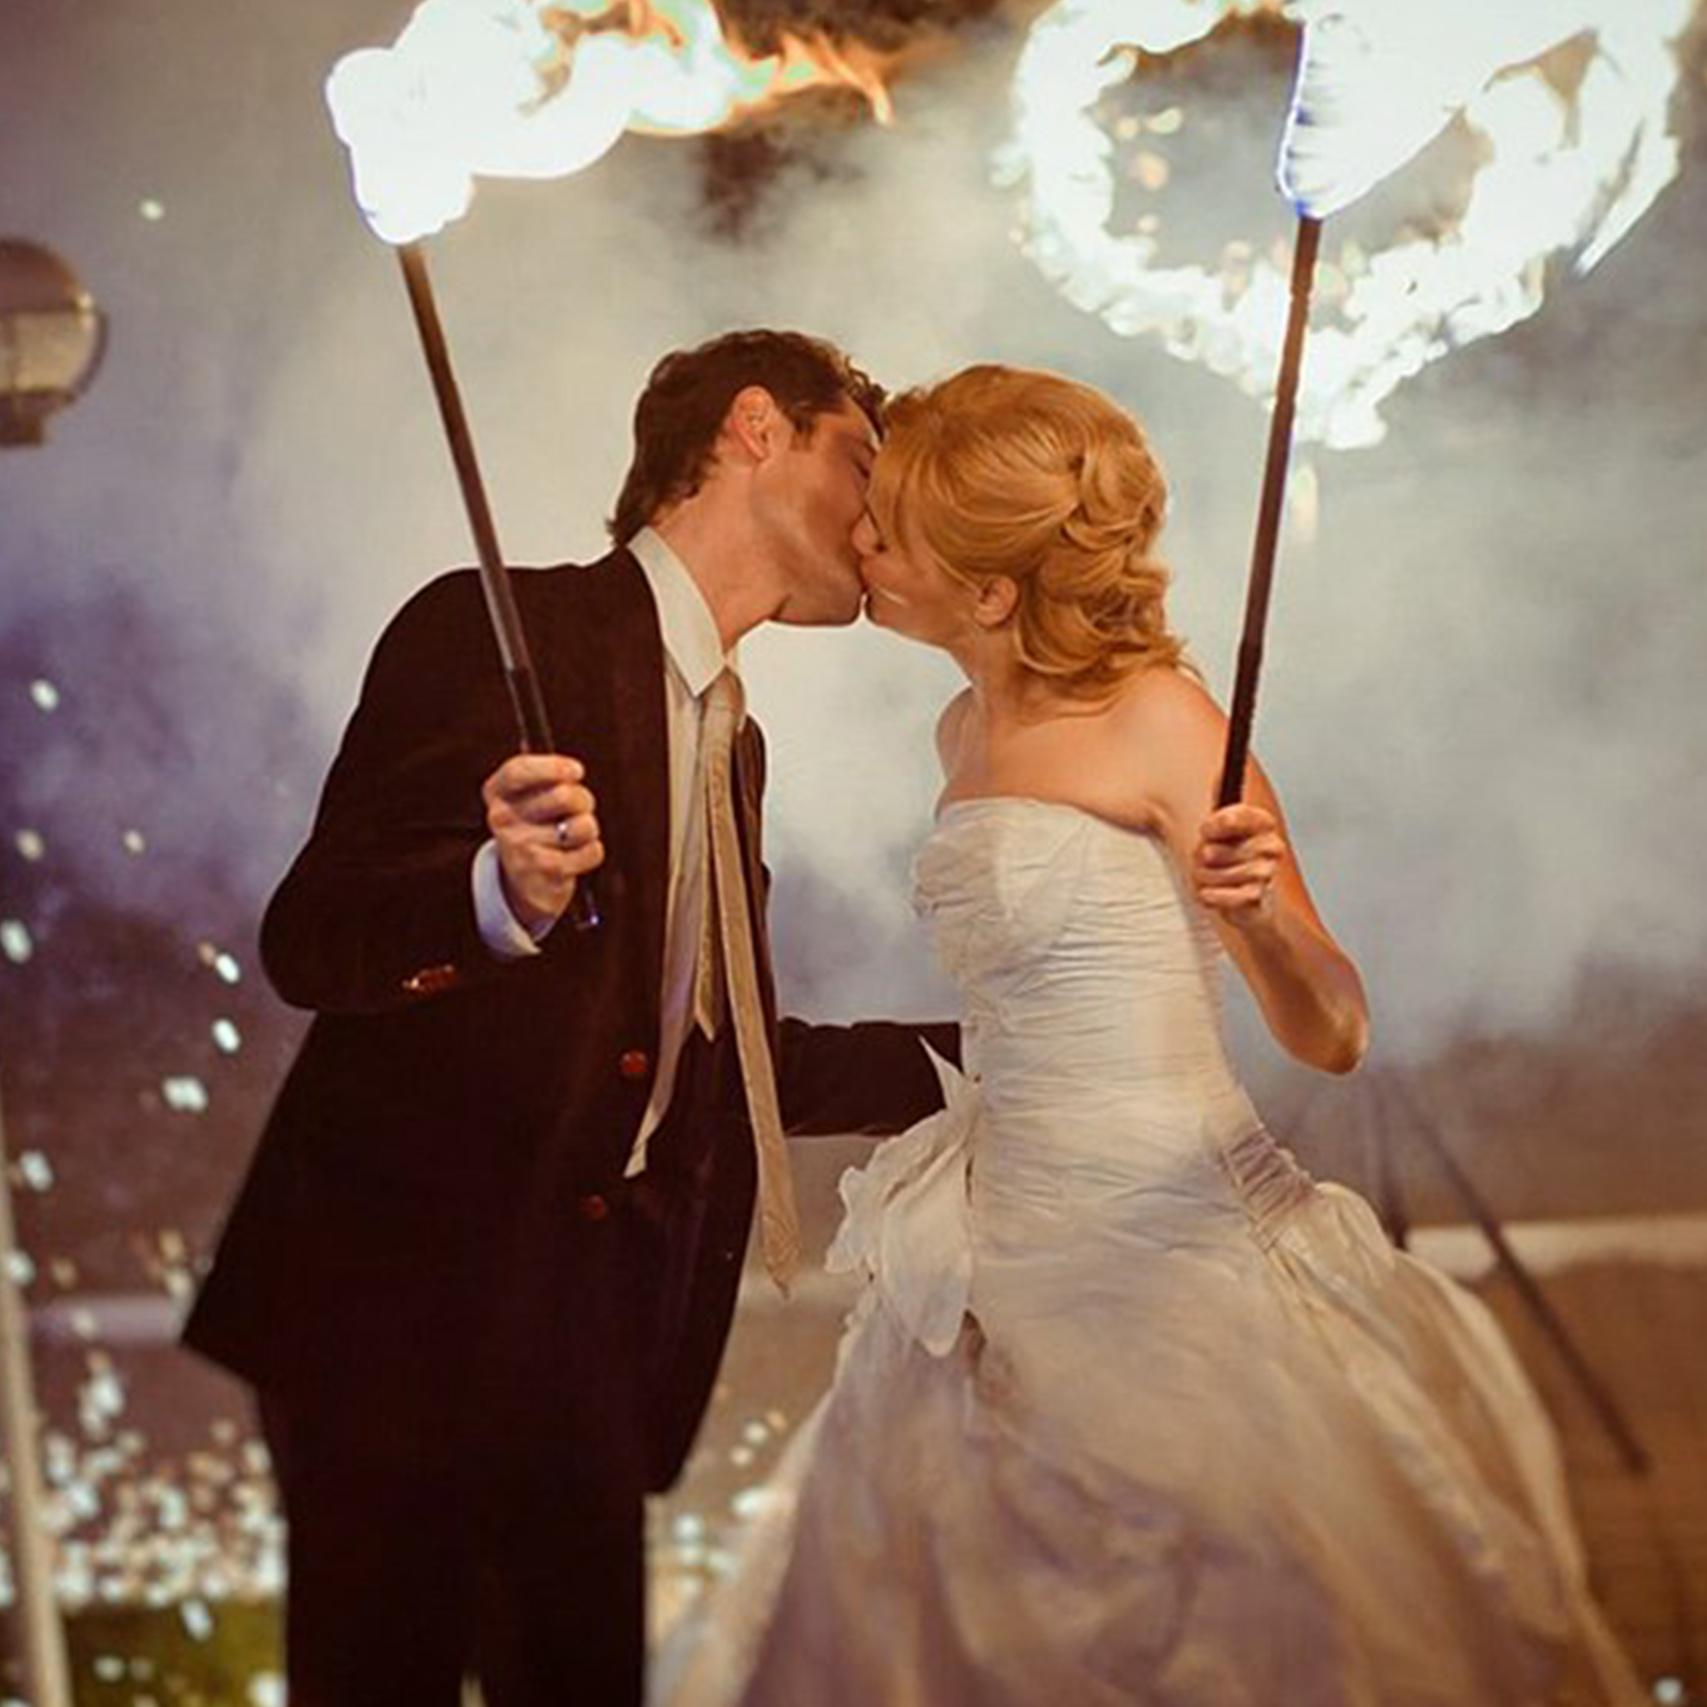 Жених и невеста крупным планом с огненными факелами целуют друг друга